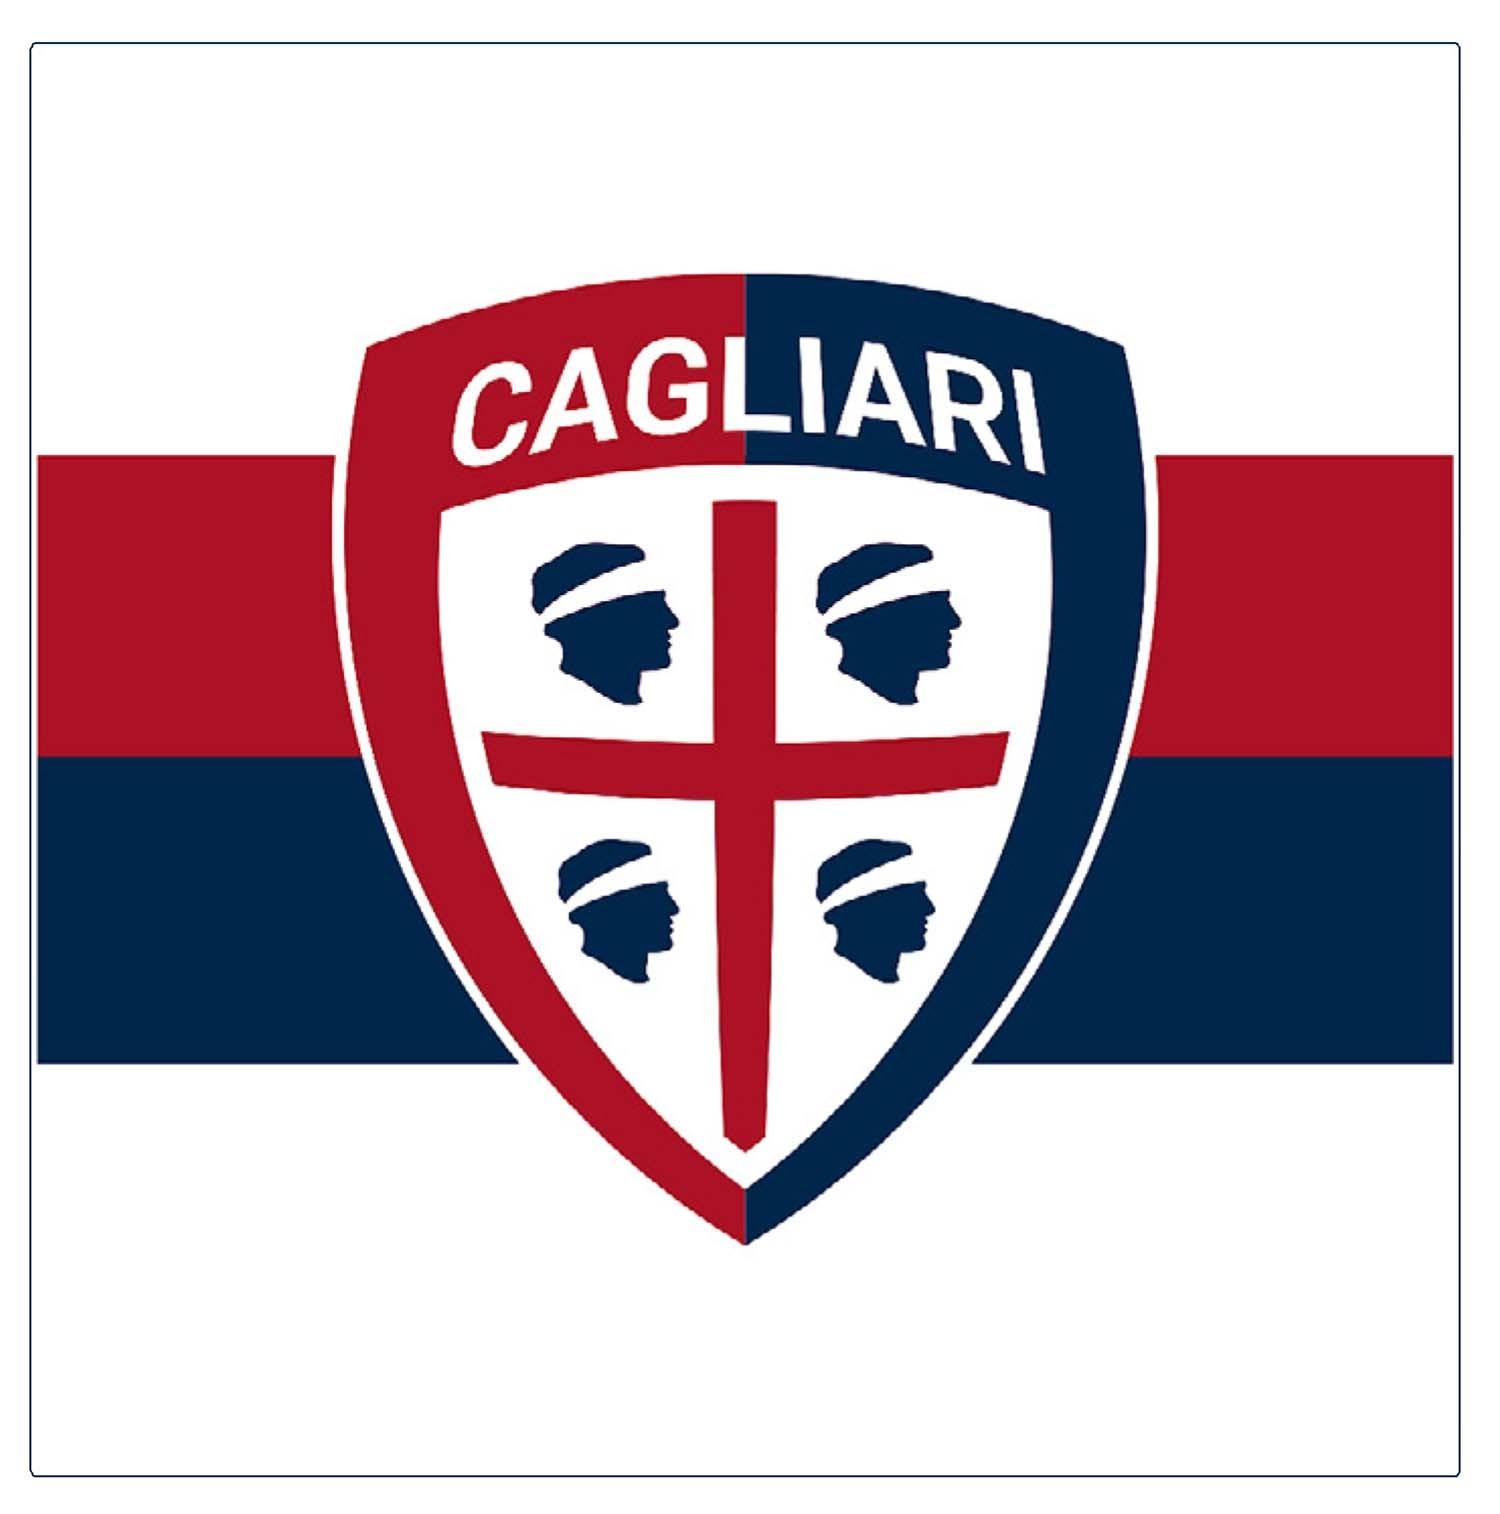 bandiera-cagliari-calcio.jpg